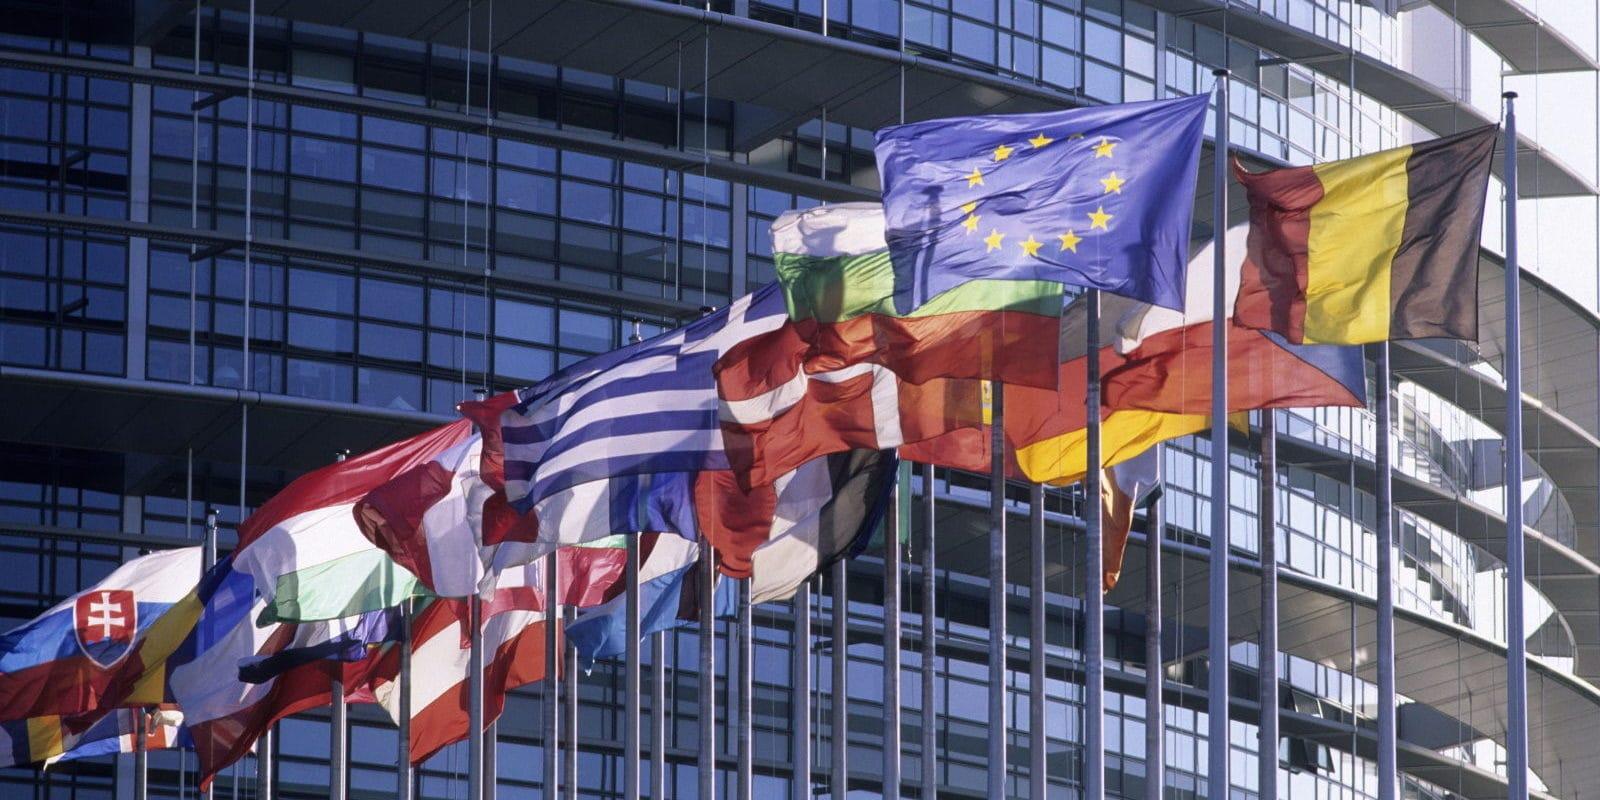 Quatrième manifestation pour l'Europe à Strasbourg dimanche